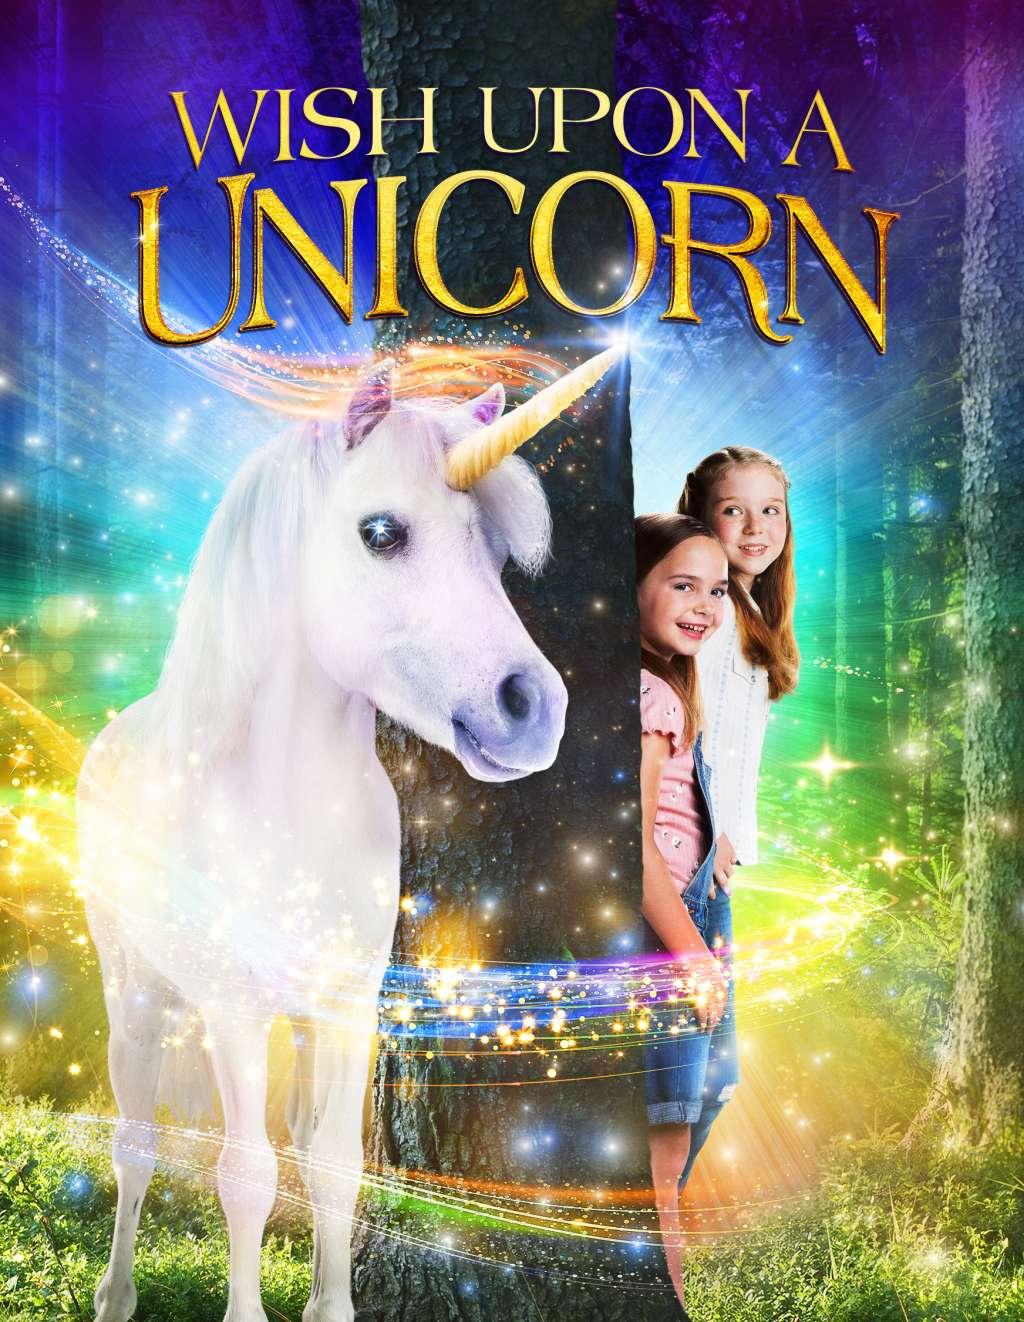 Wish Upon A Unicorn kapak